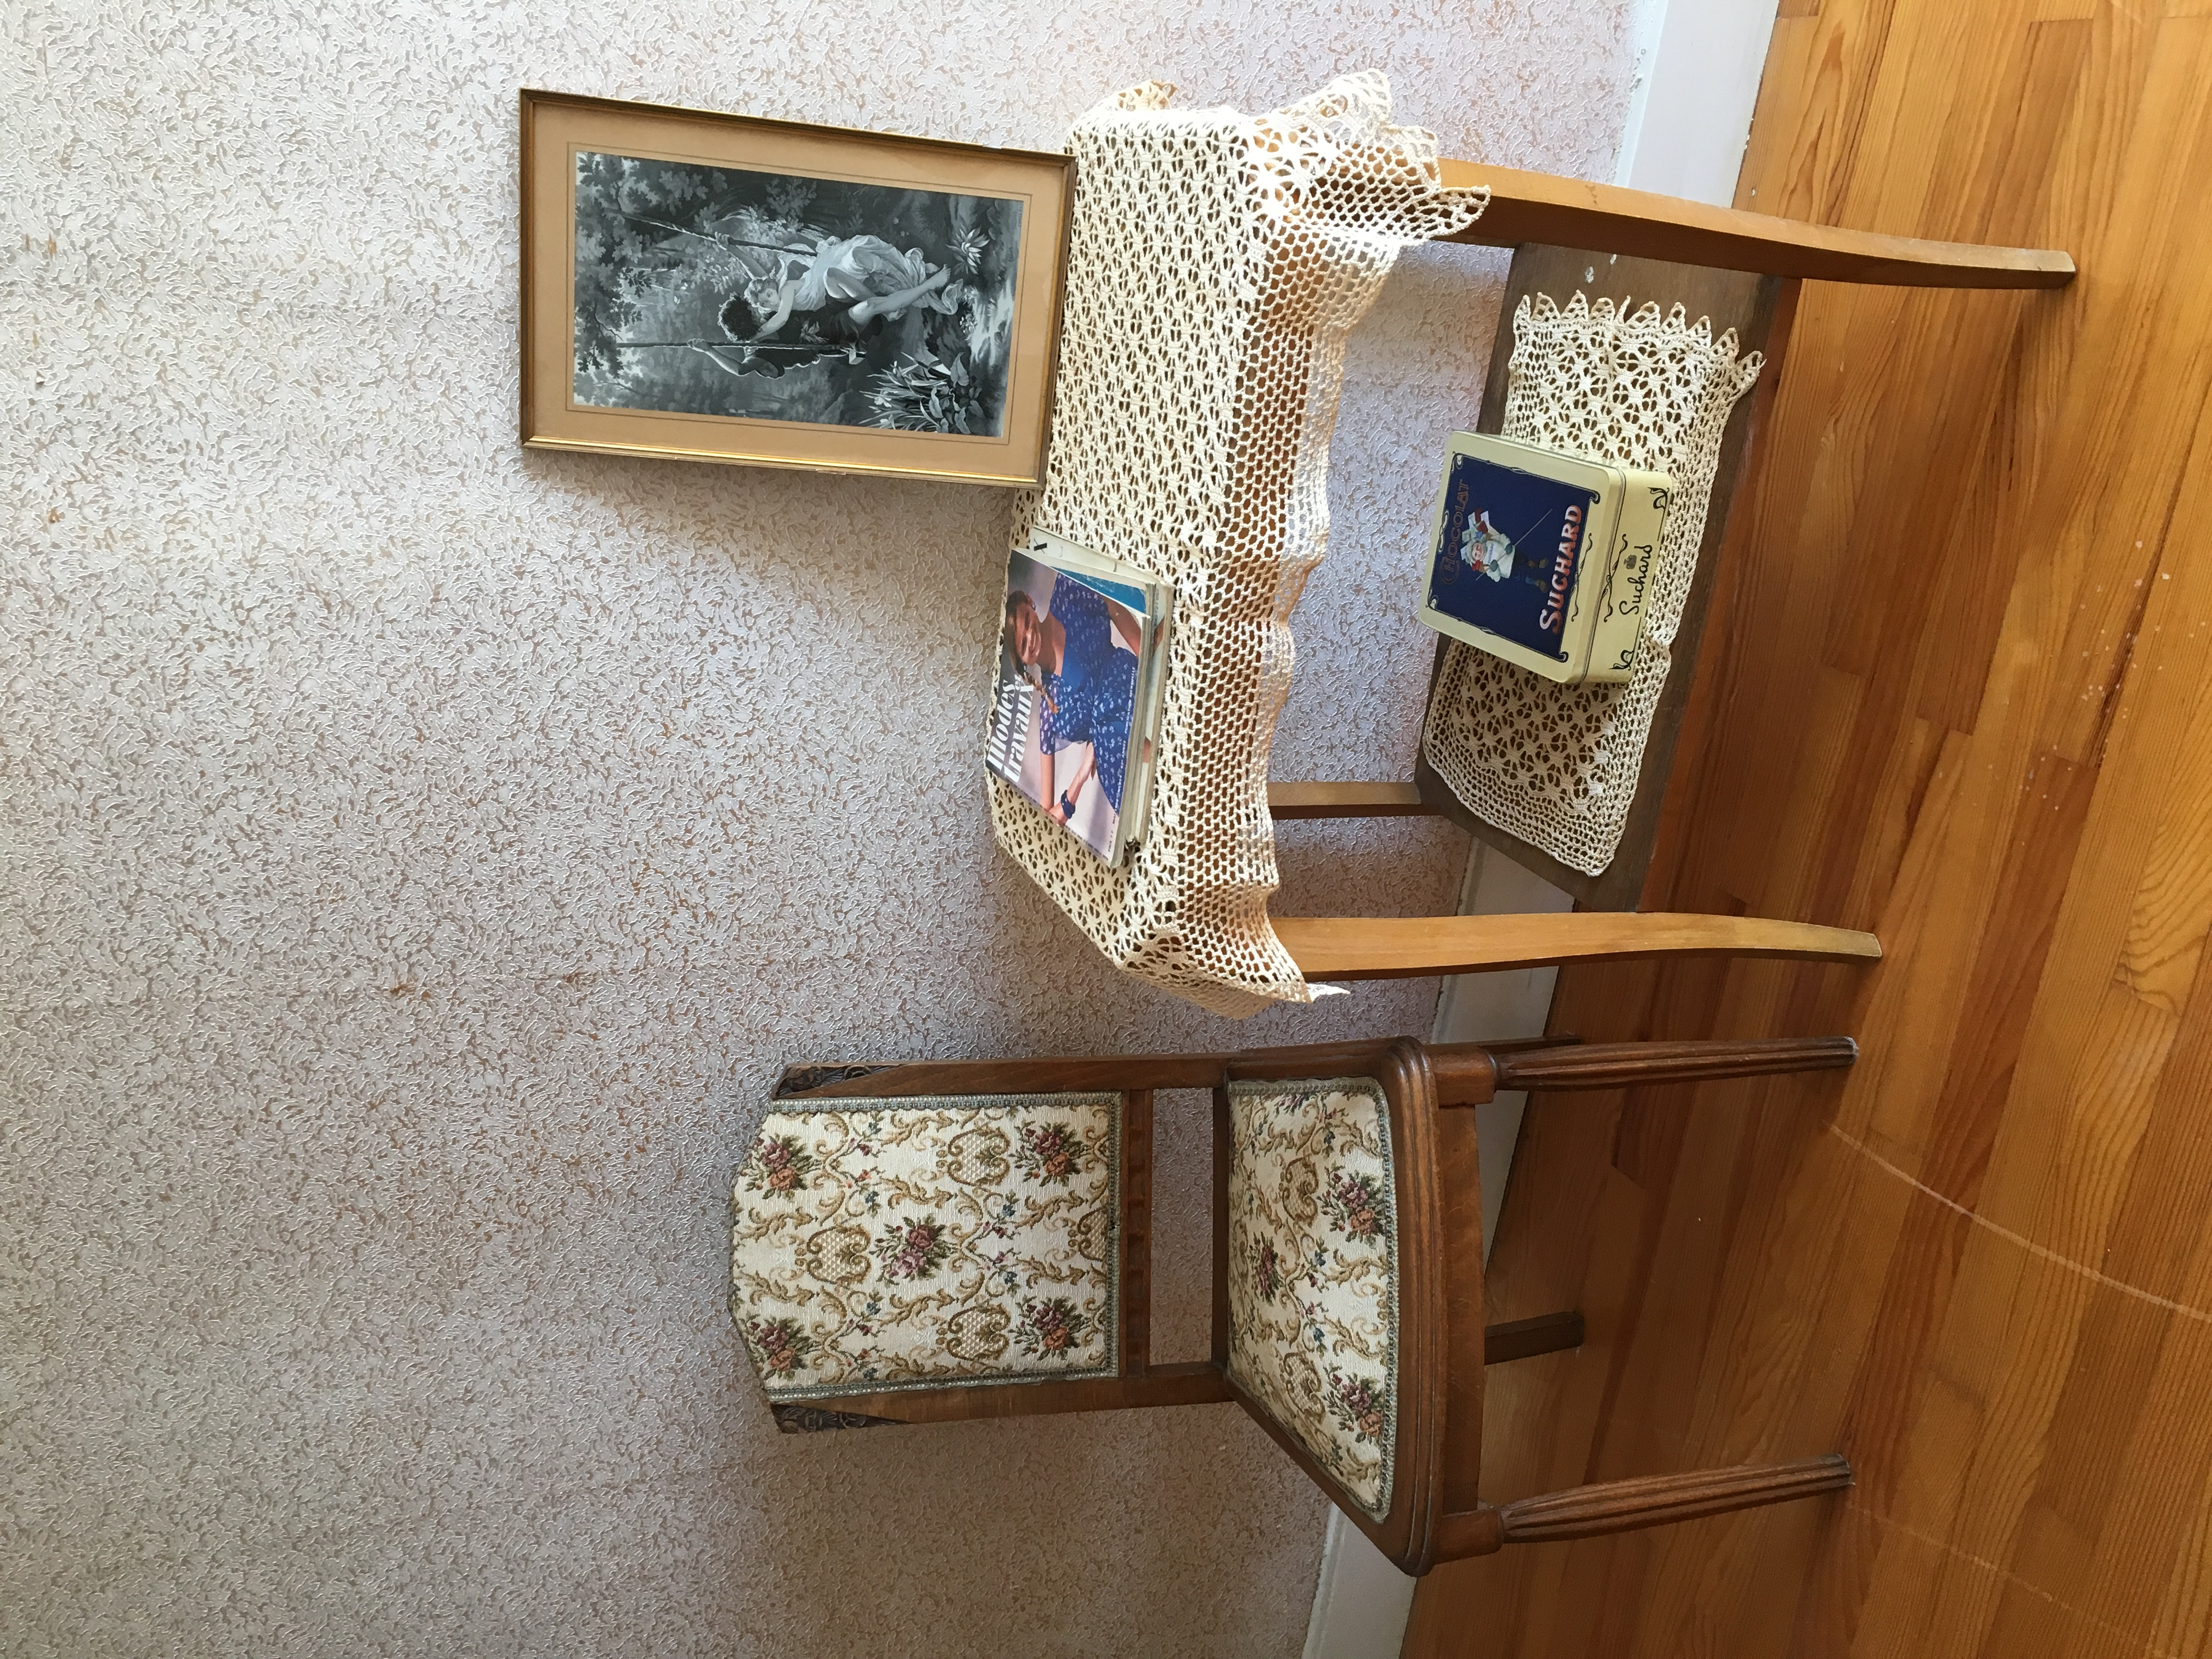 Detalj från tredje uthyrningsrummet. Modetidningarna är från 70-talet.